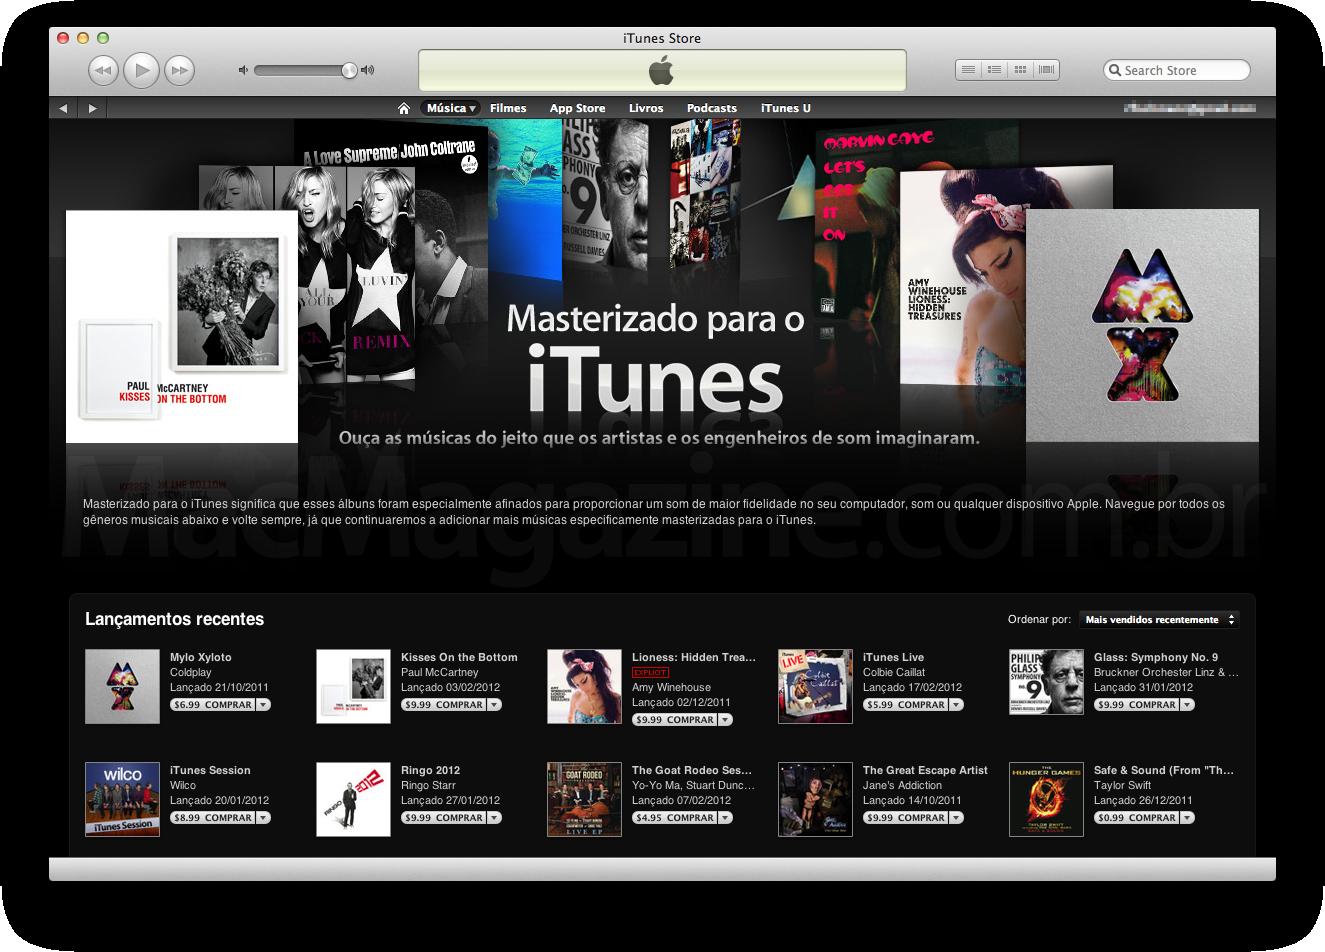 Masterizado para o iTunes